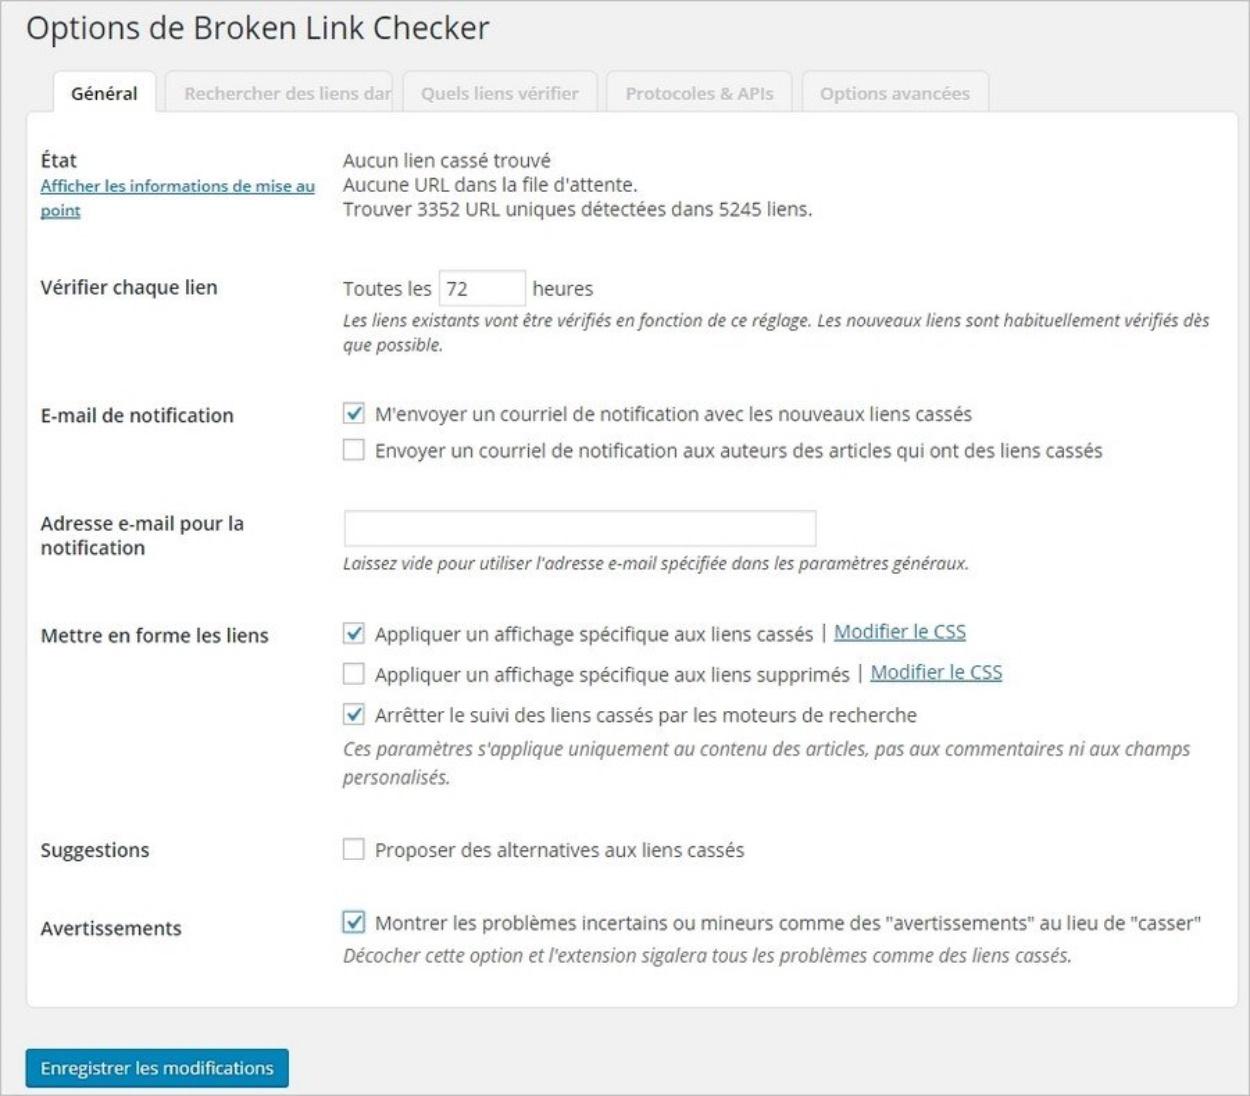 Options de Broken Link Checker